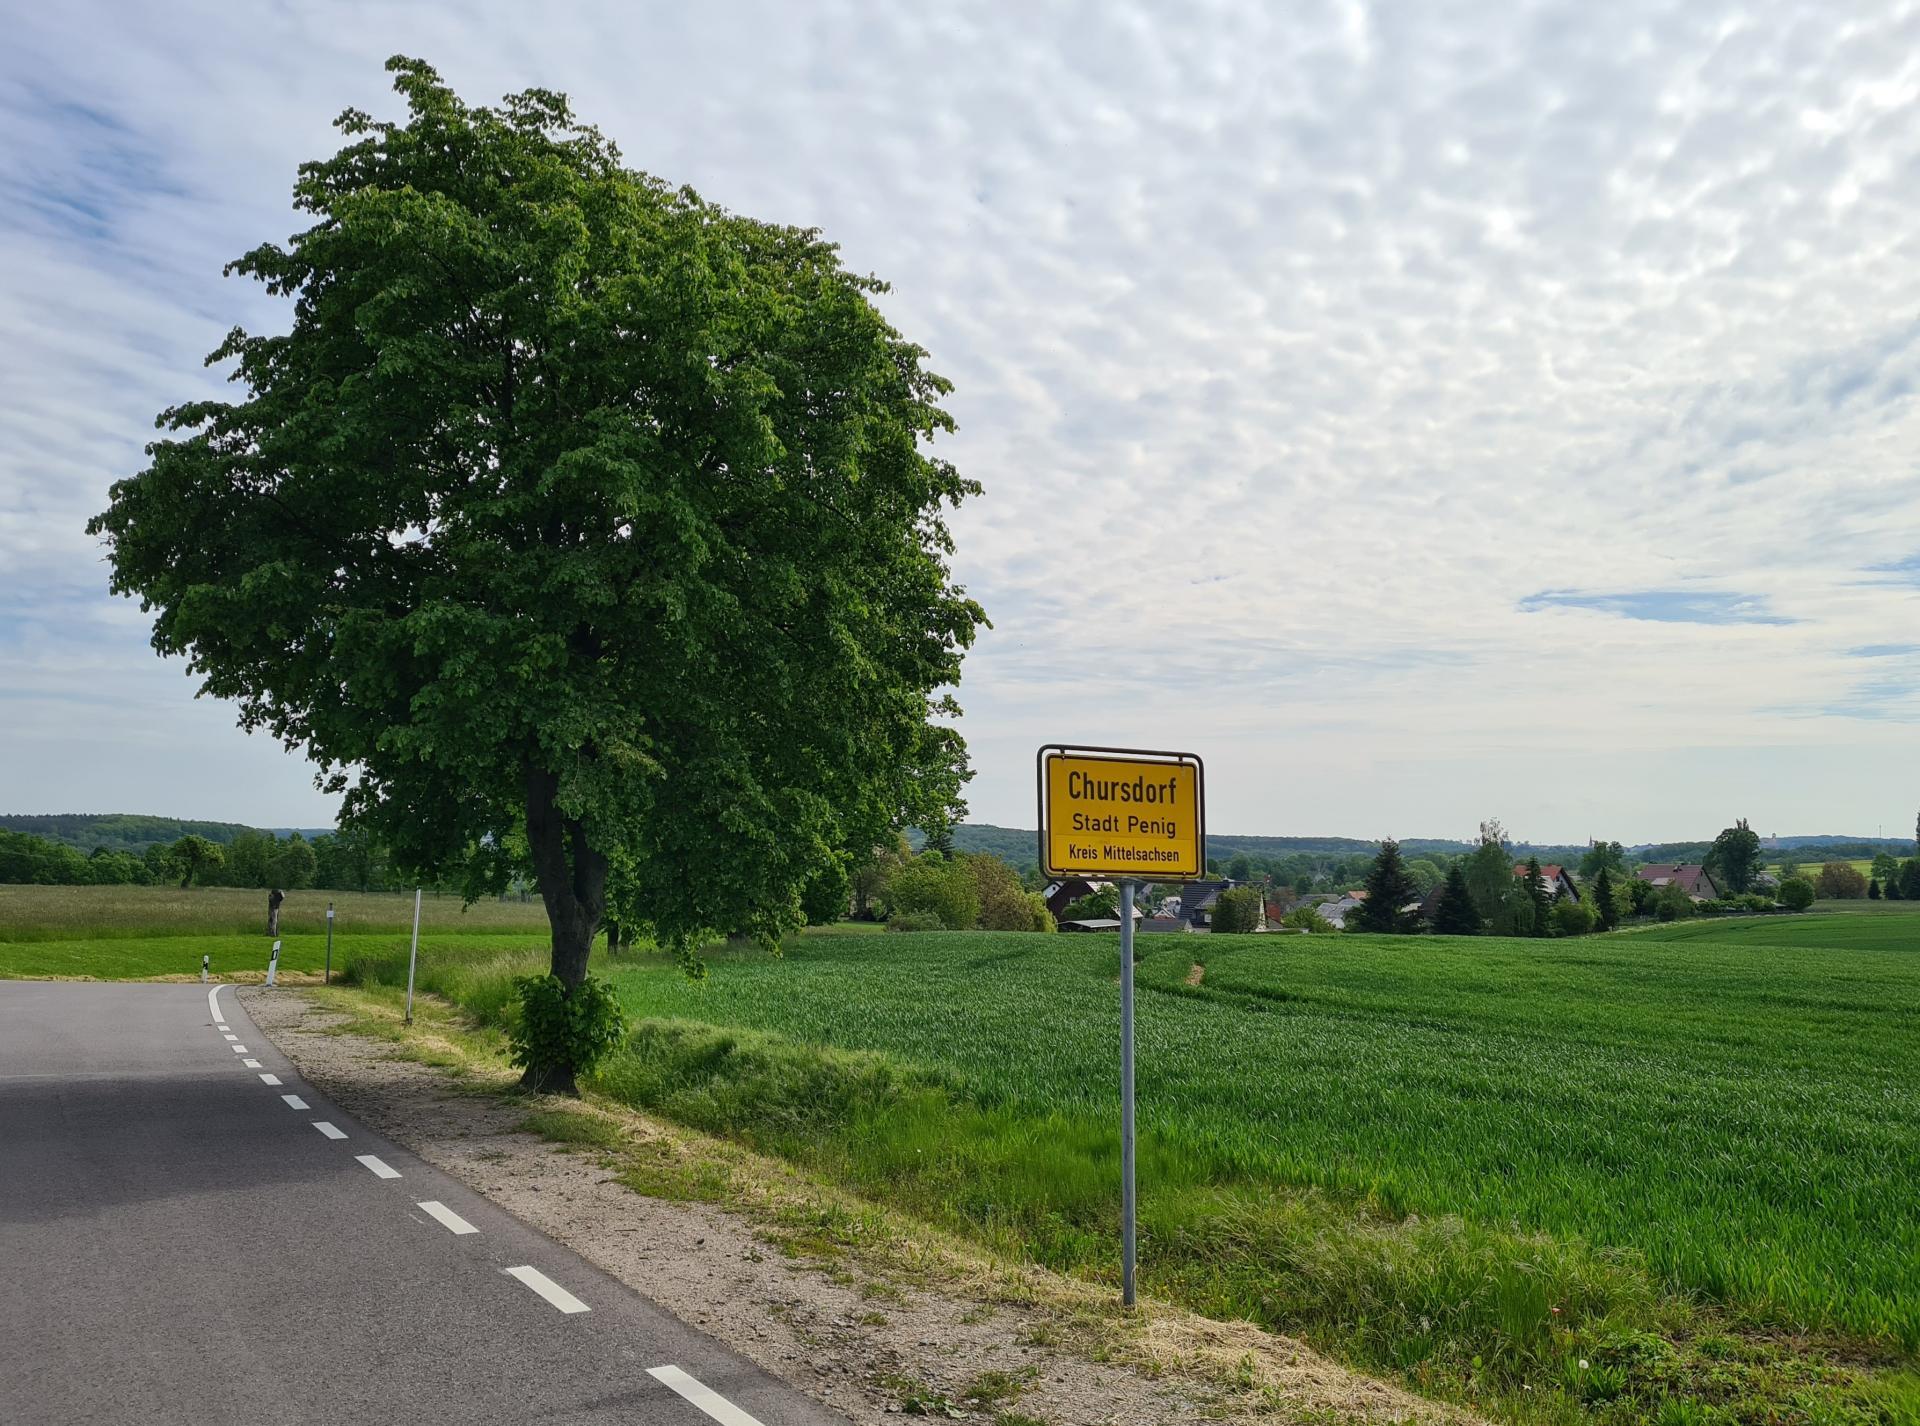 Chursdorf